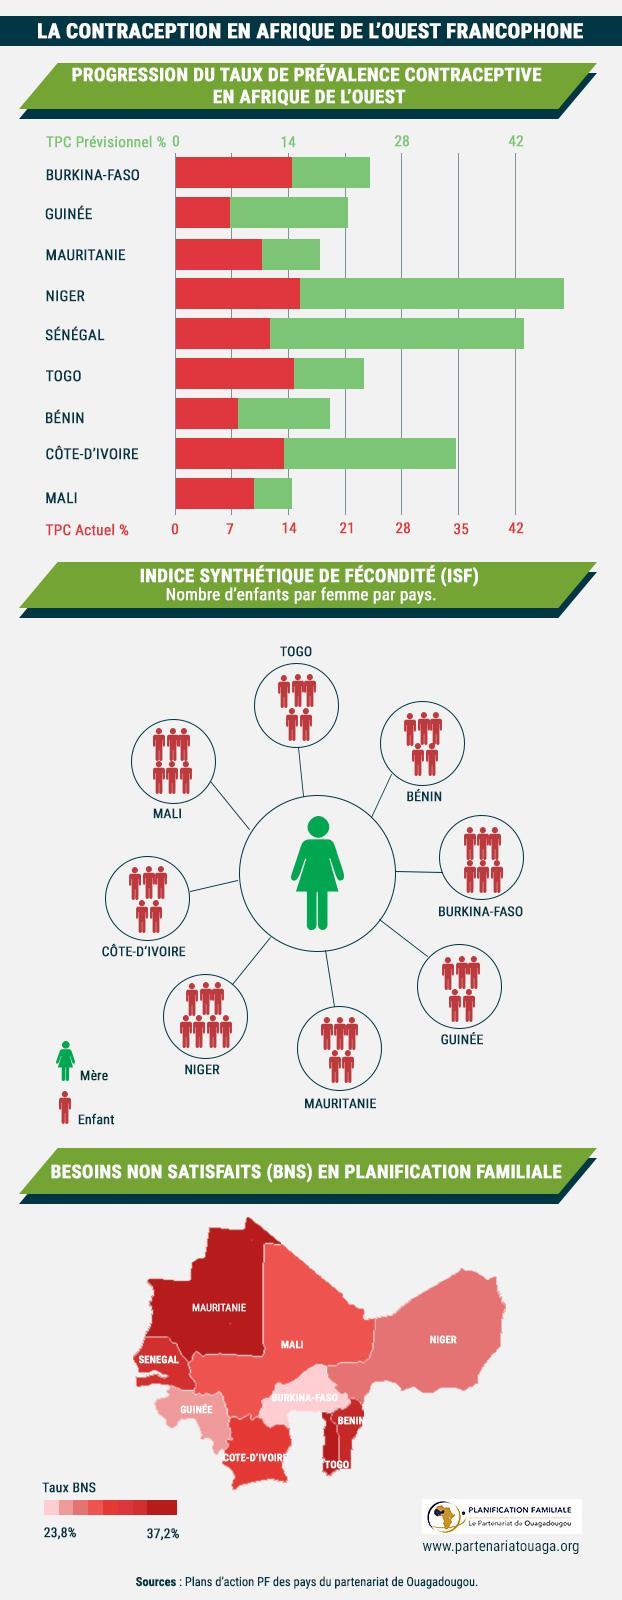 Infographie-Contraception-en-Afrique-de-louest-francophone